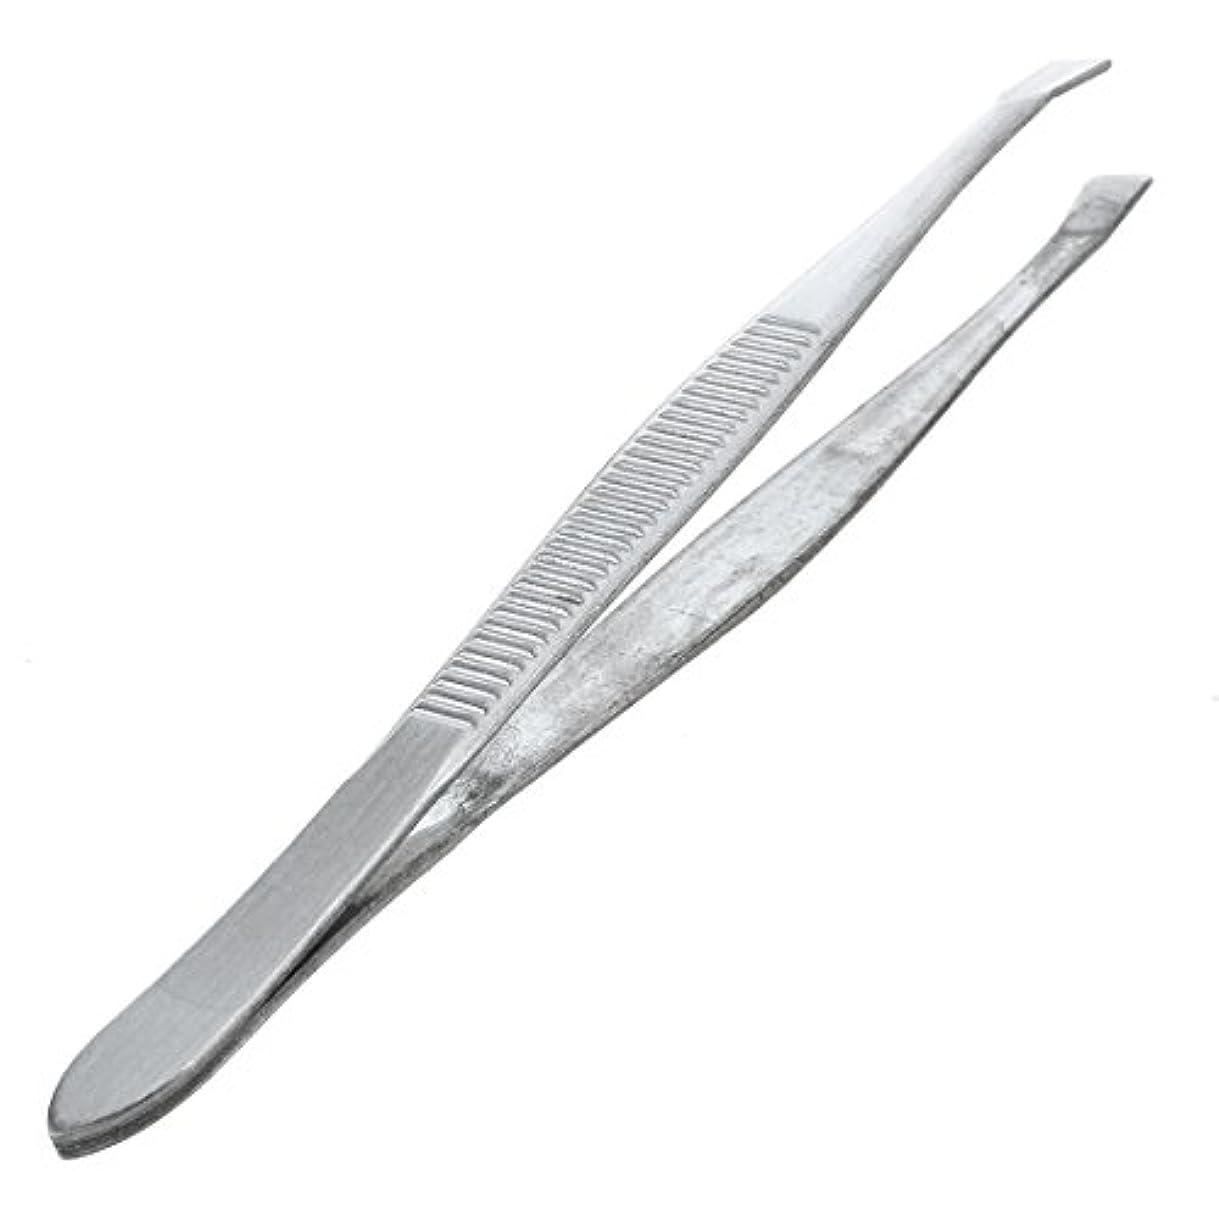 協定慣らす規制Nrpfell 眉毛ピンセット 脱毛チップ 炭素鋼 傾斜 9cm シルバーカラー